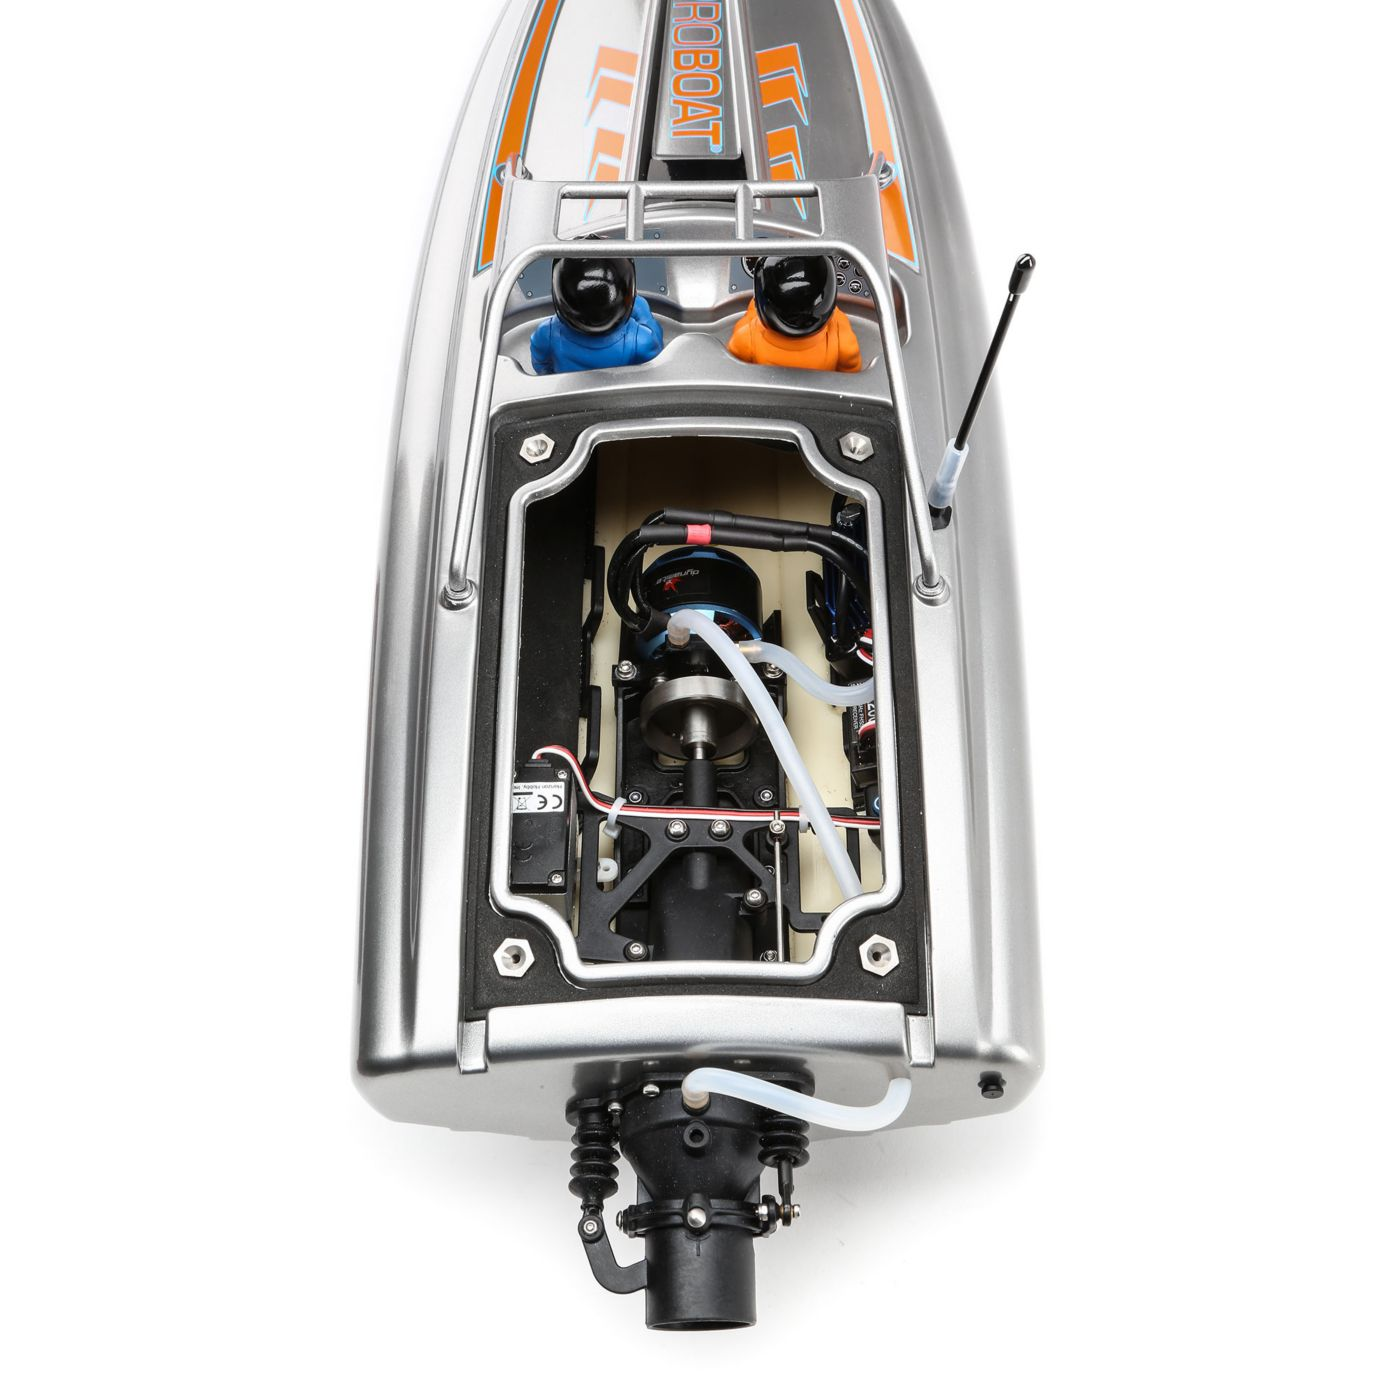 Proboat River Jet Boat 23 inches R / C RTR Self Righting - Negozio di modellismo - vendita ...